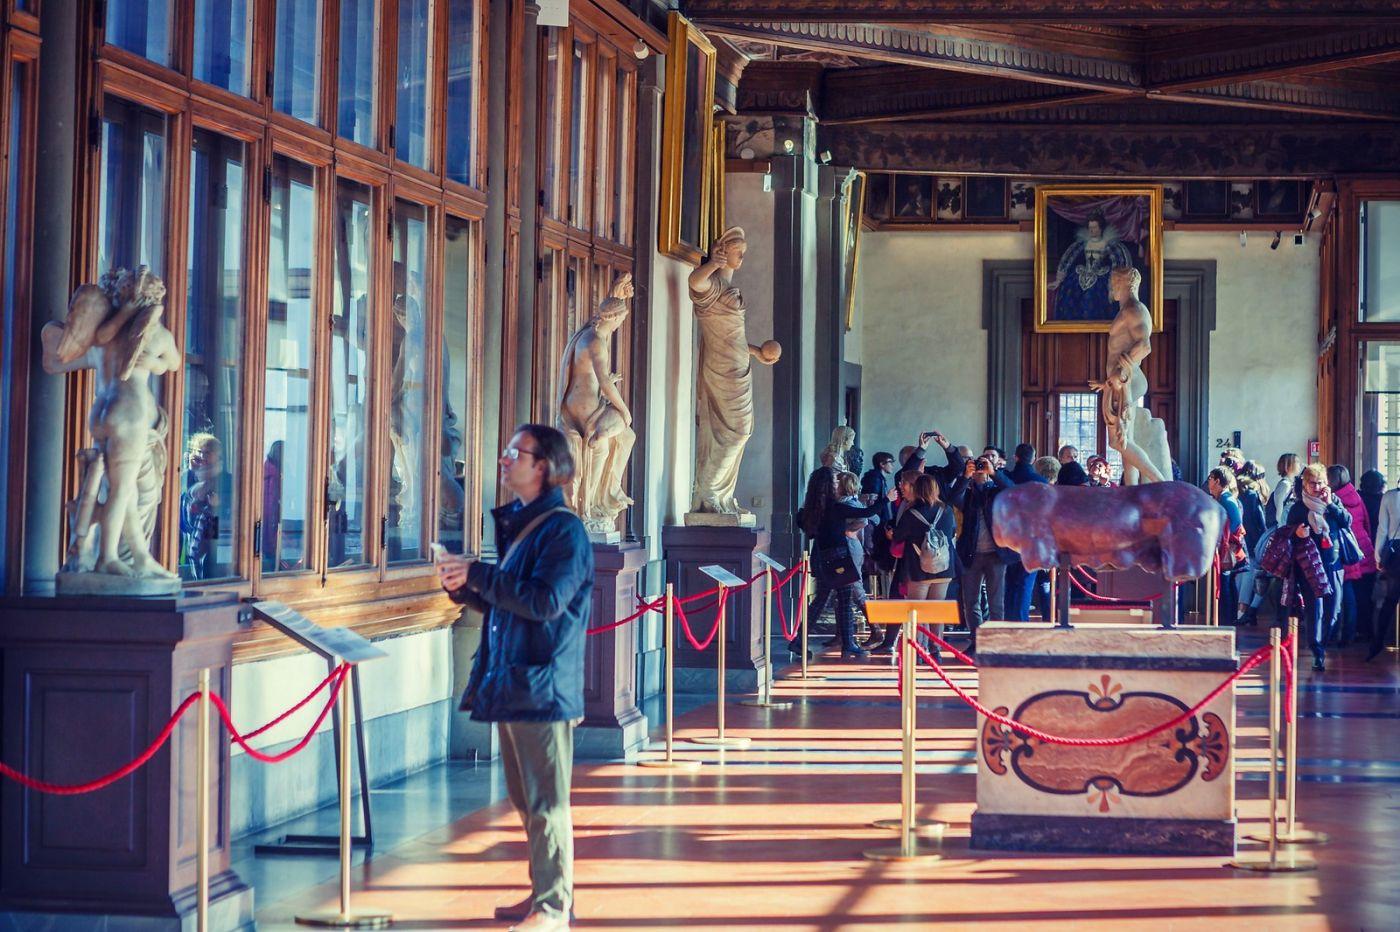 意大利佛罗伦斯乌菲兹美术馆, 进去看一看_图1-27